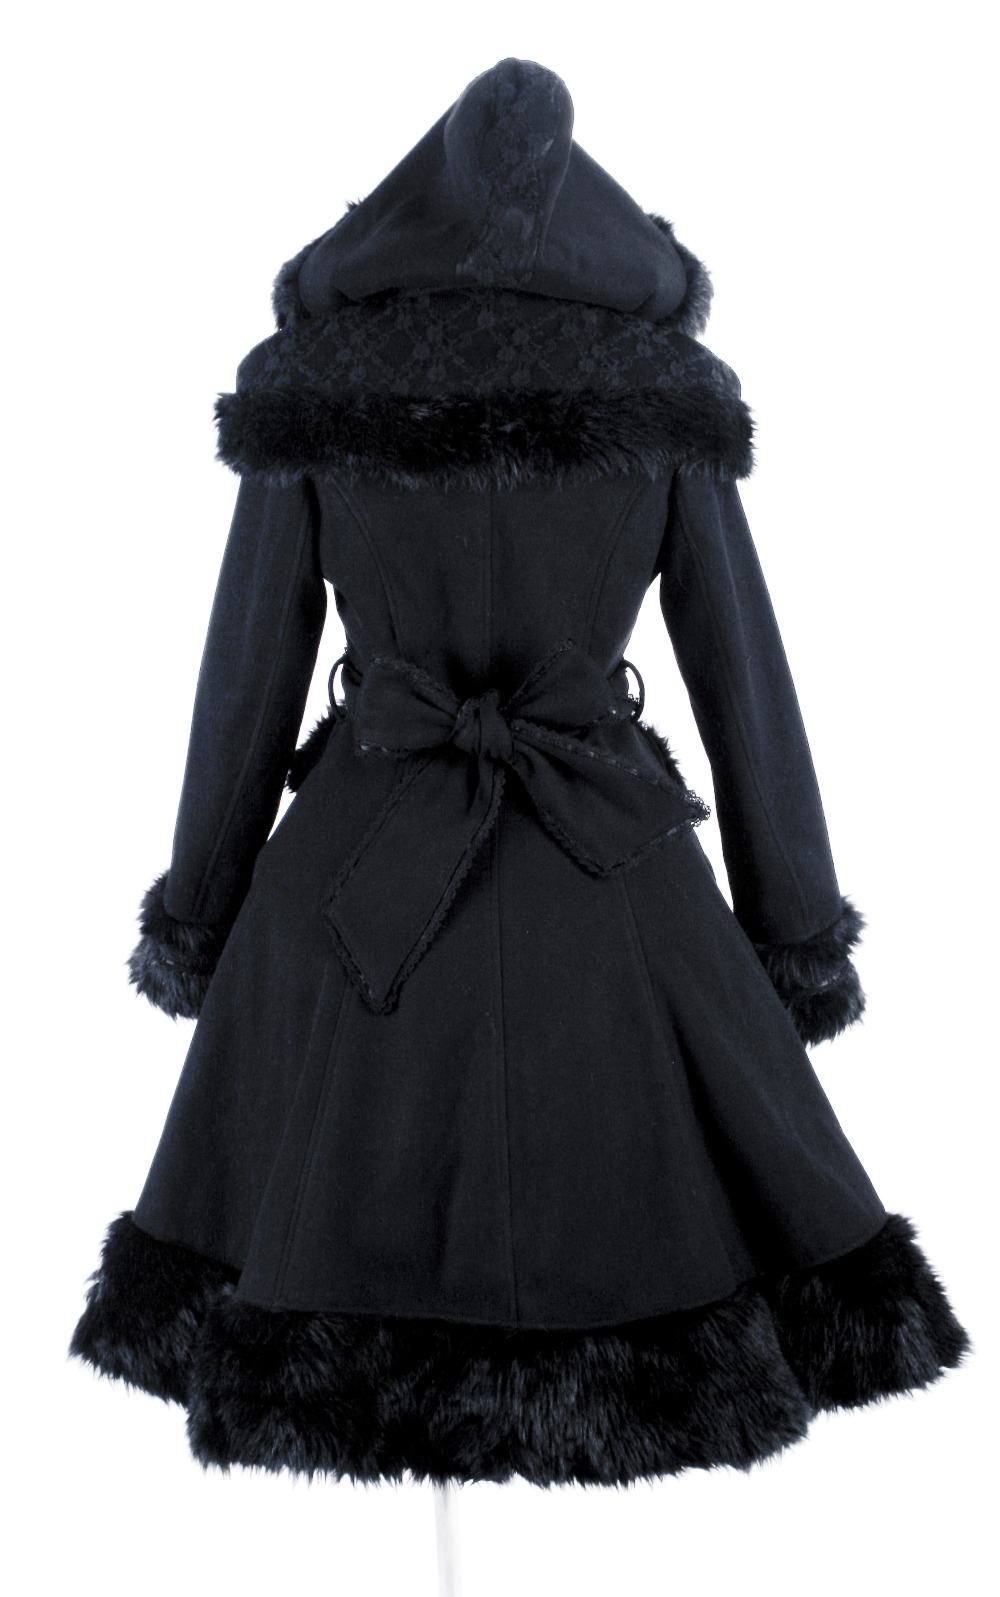 Manteau gothique lolita noir PUNK RAVE